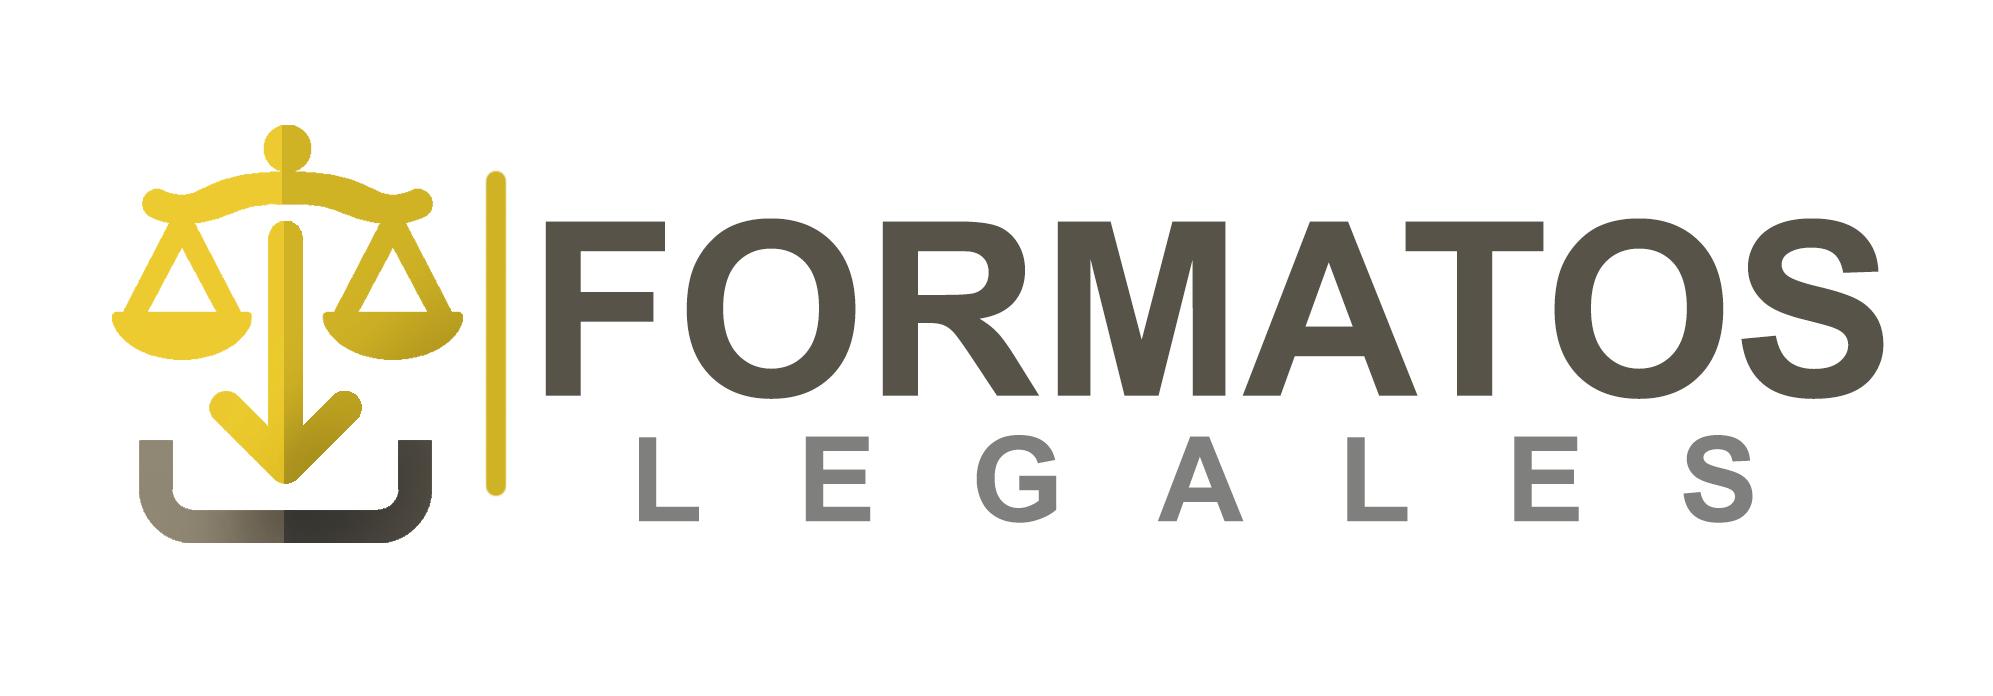 formatos-legales